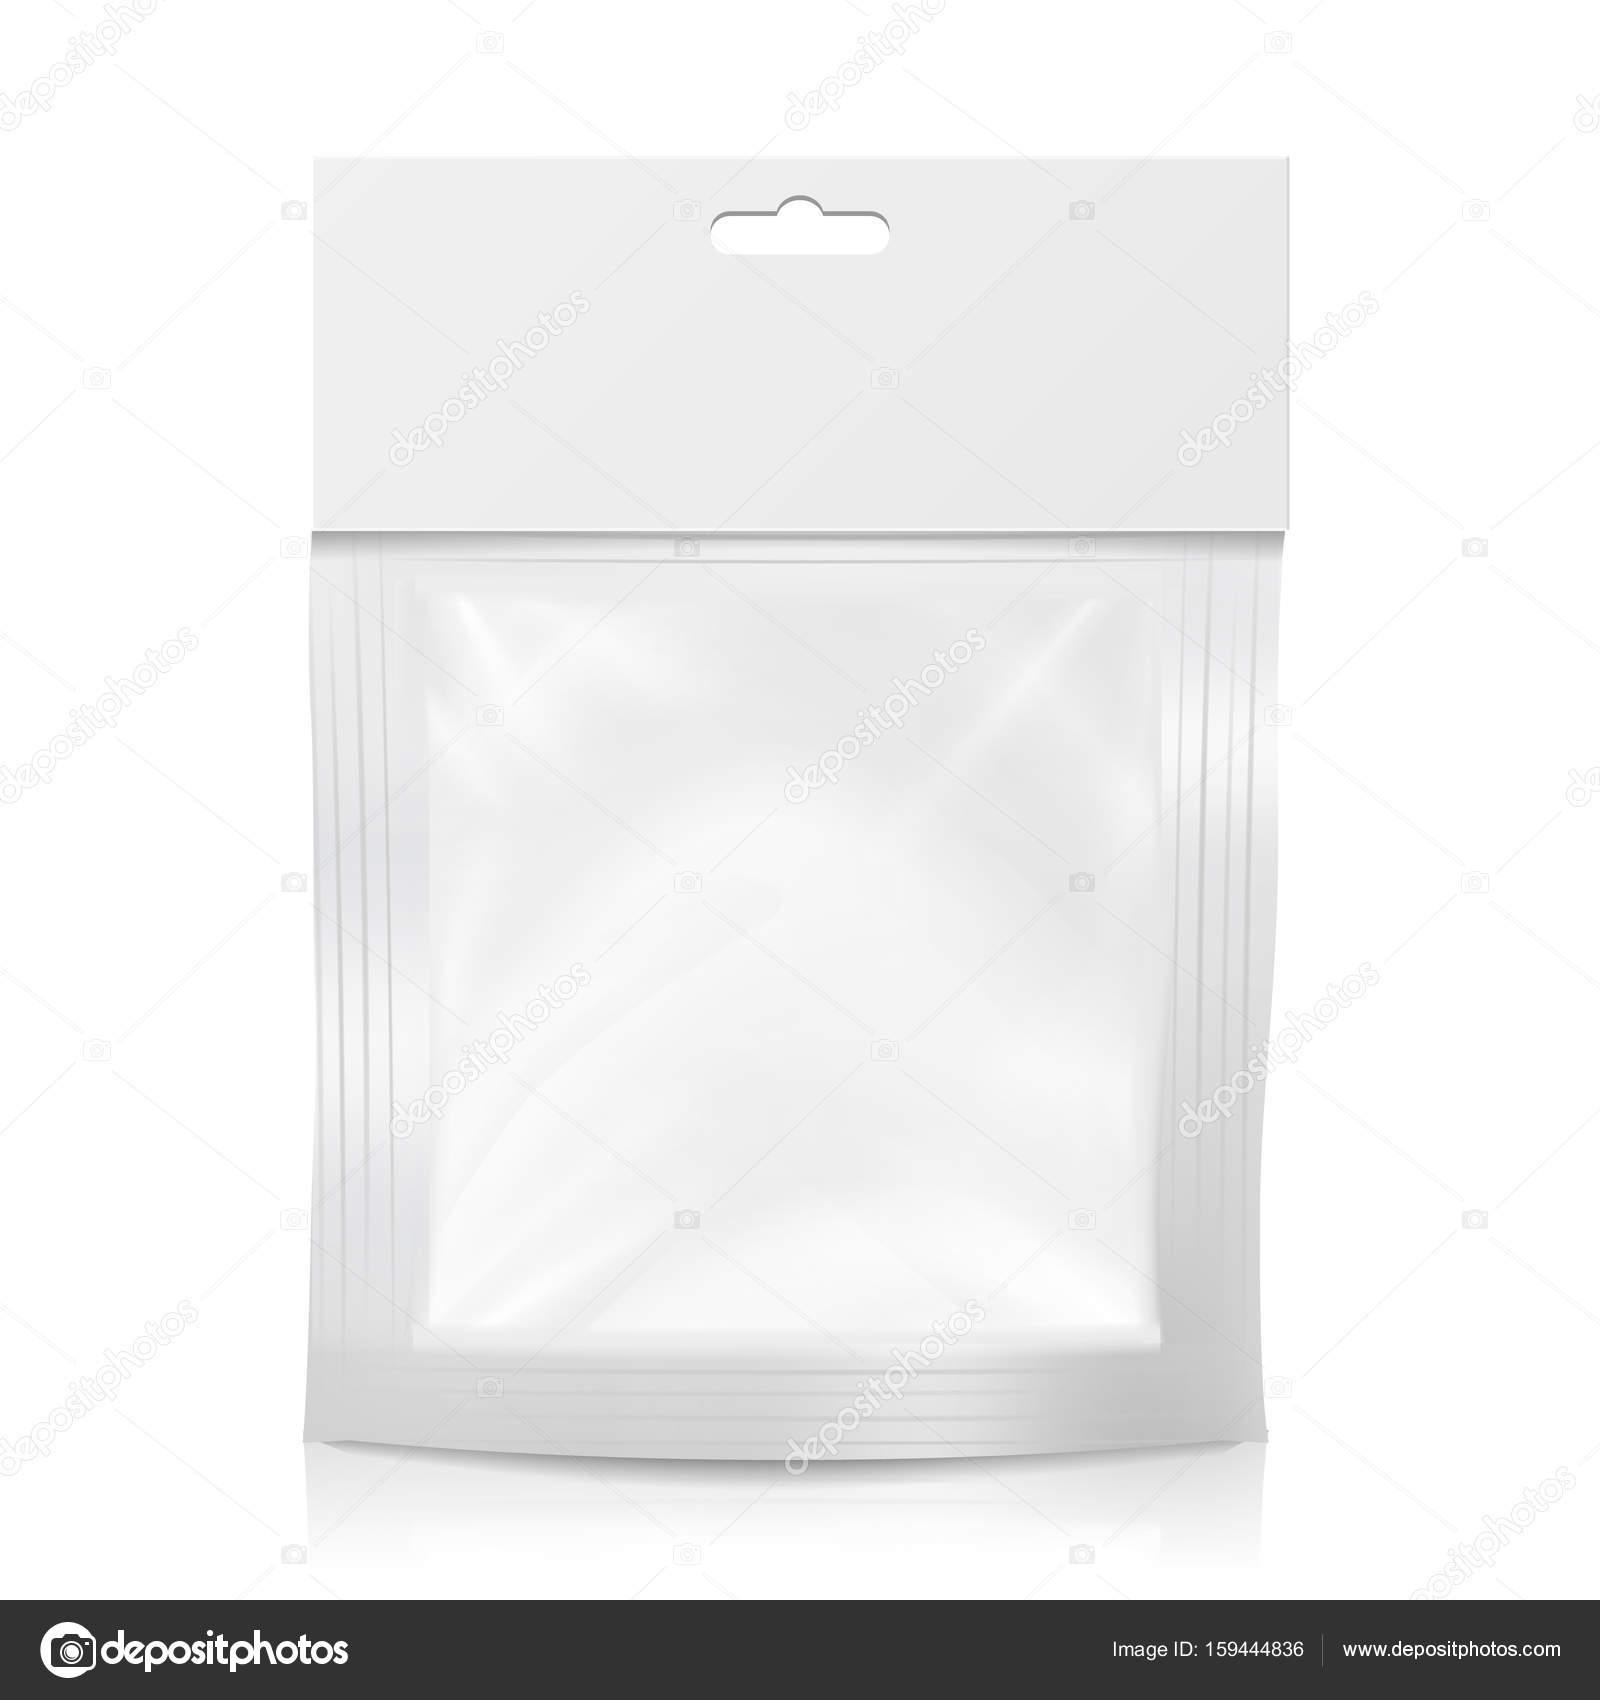 Белый продукт пакет коробки с повесить слот и пластиковые окна.